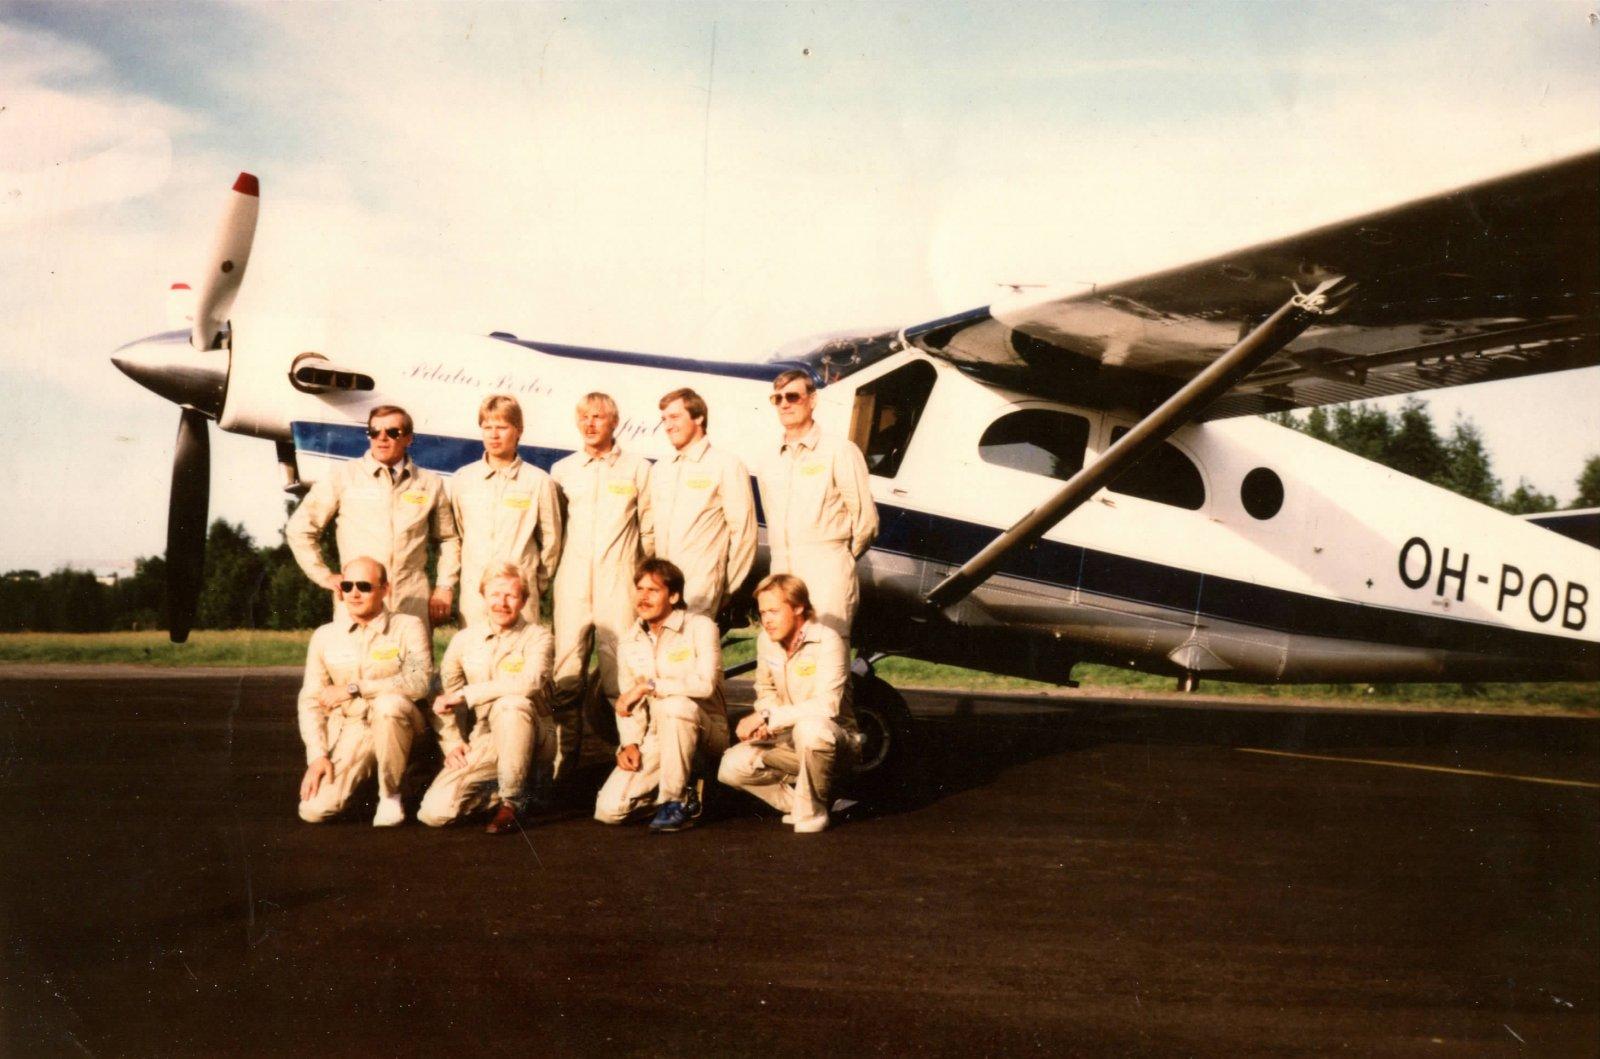 Pilatus PC-6/B1-H2 Porter OH-POB EFHF 1980